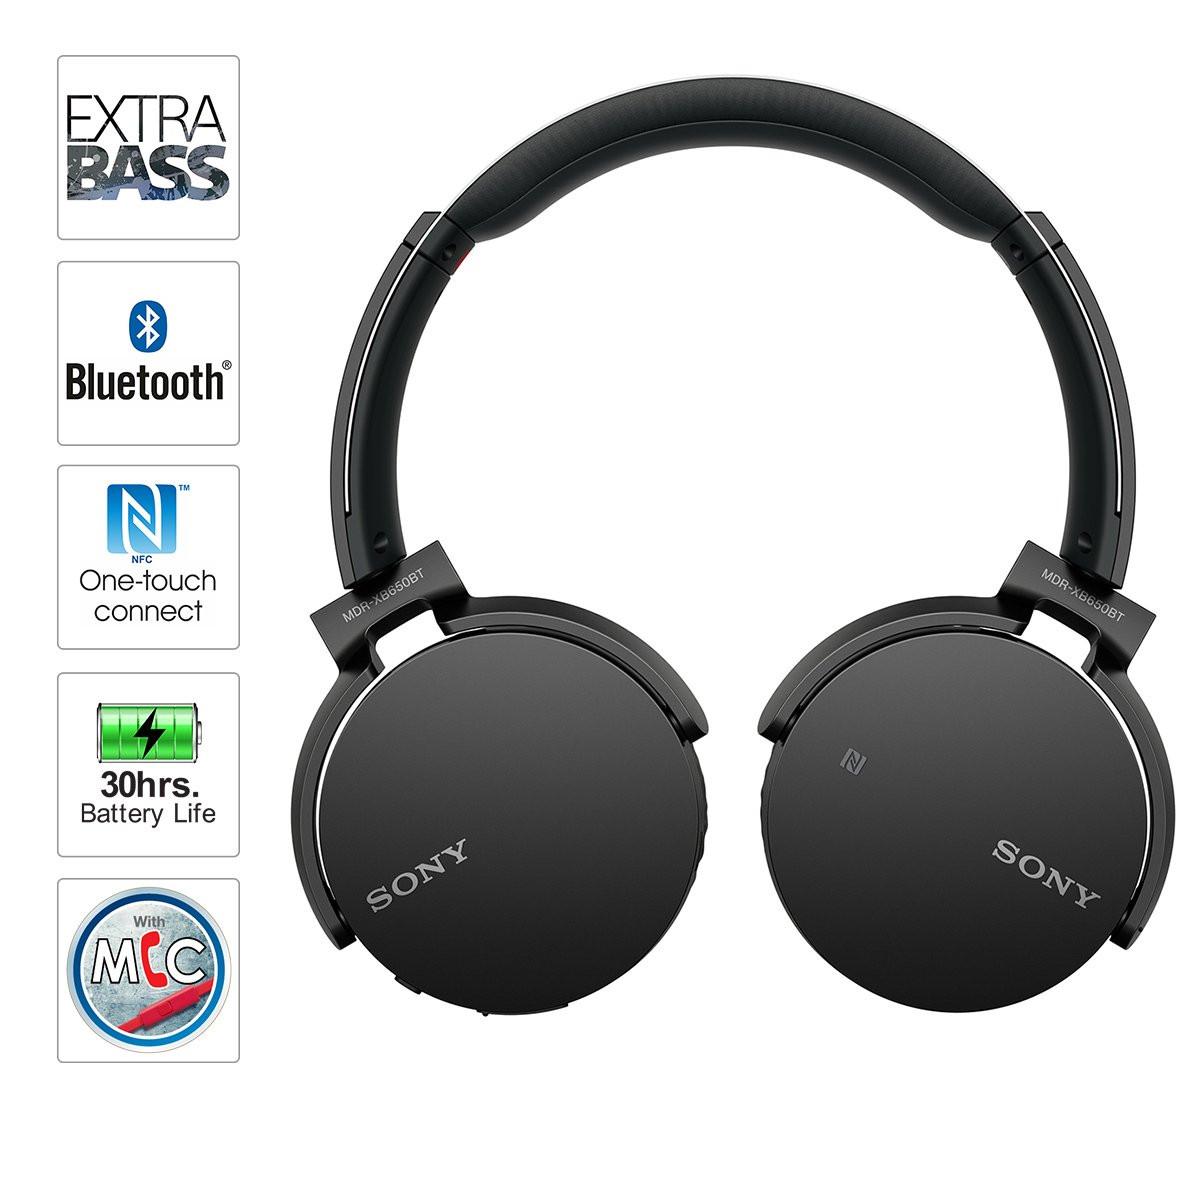 Tai nghe chụp tai, Tai nghe bluetooth có mic giá rẻ Extra Bass XB650AP Âm Thanh Hay - Nghe To Có Mic Đàm Thoại Loại Tốt